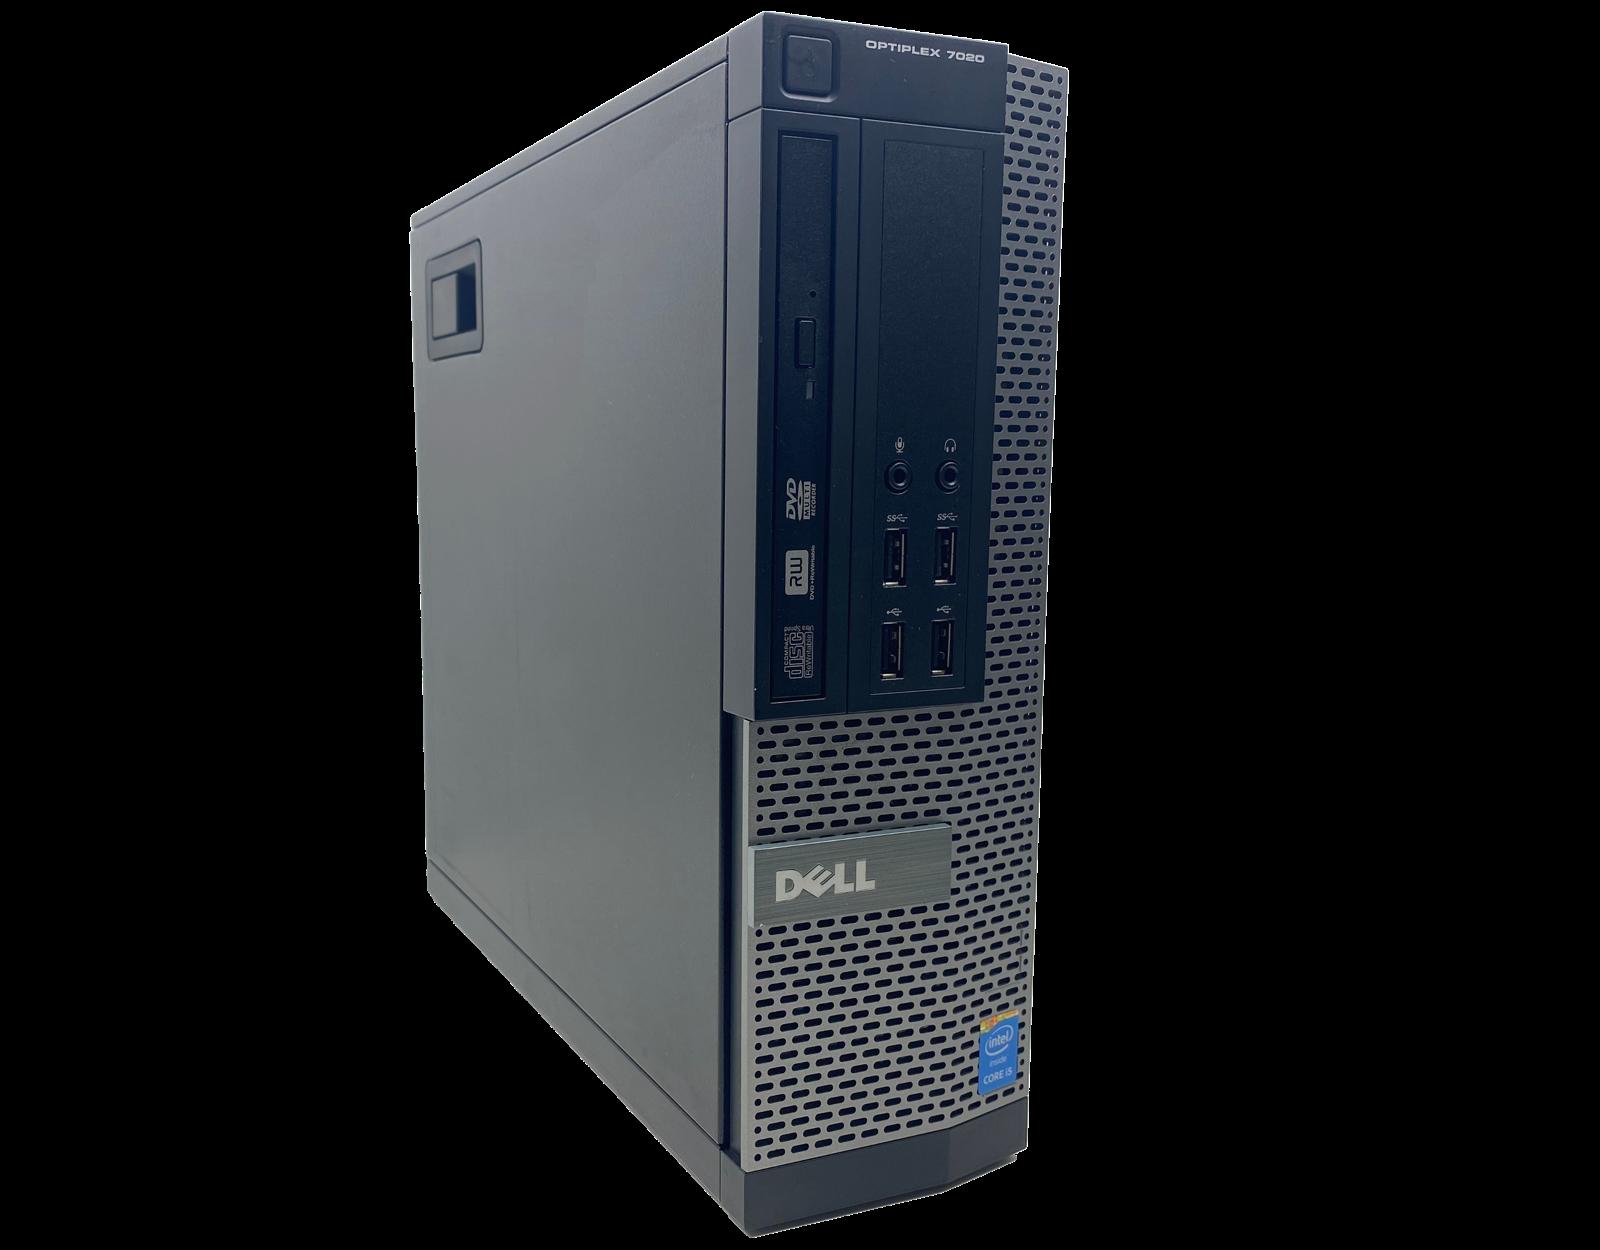 Komputer stacjonarny Dell Optiplex 7020 SFF i5 - 4590 / 8GB / 240 GB SSD / GTX 1050 Ti / DVD / Klasa A + Windows 10 Home - 3